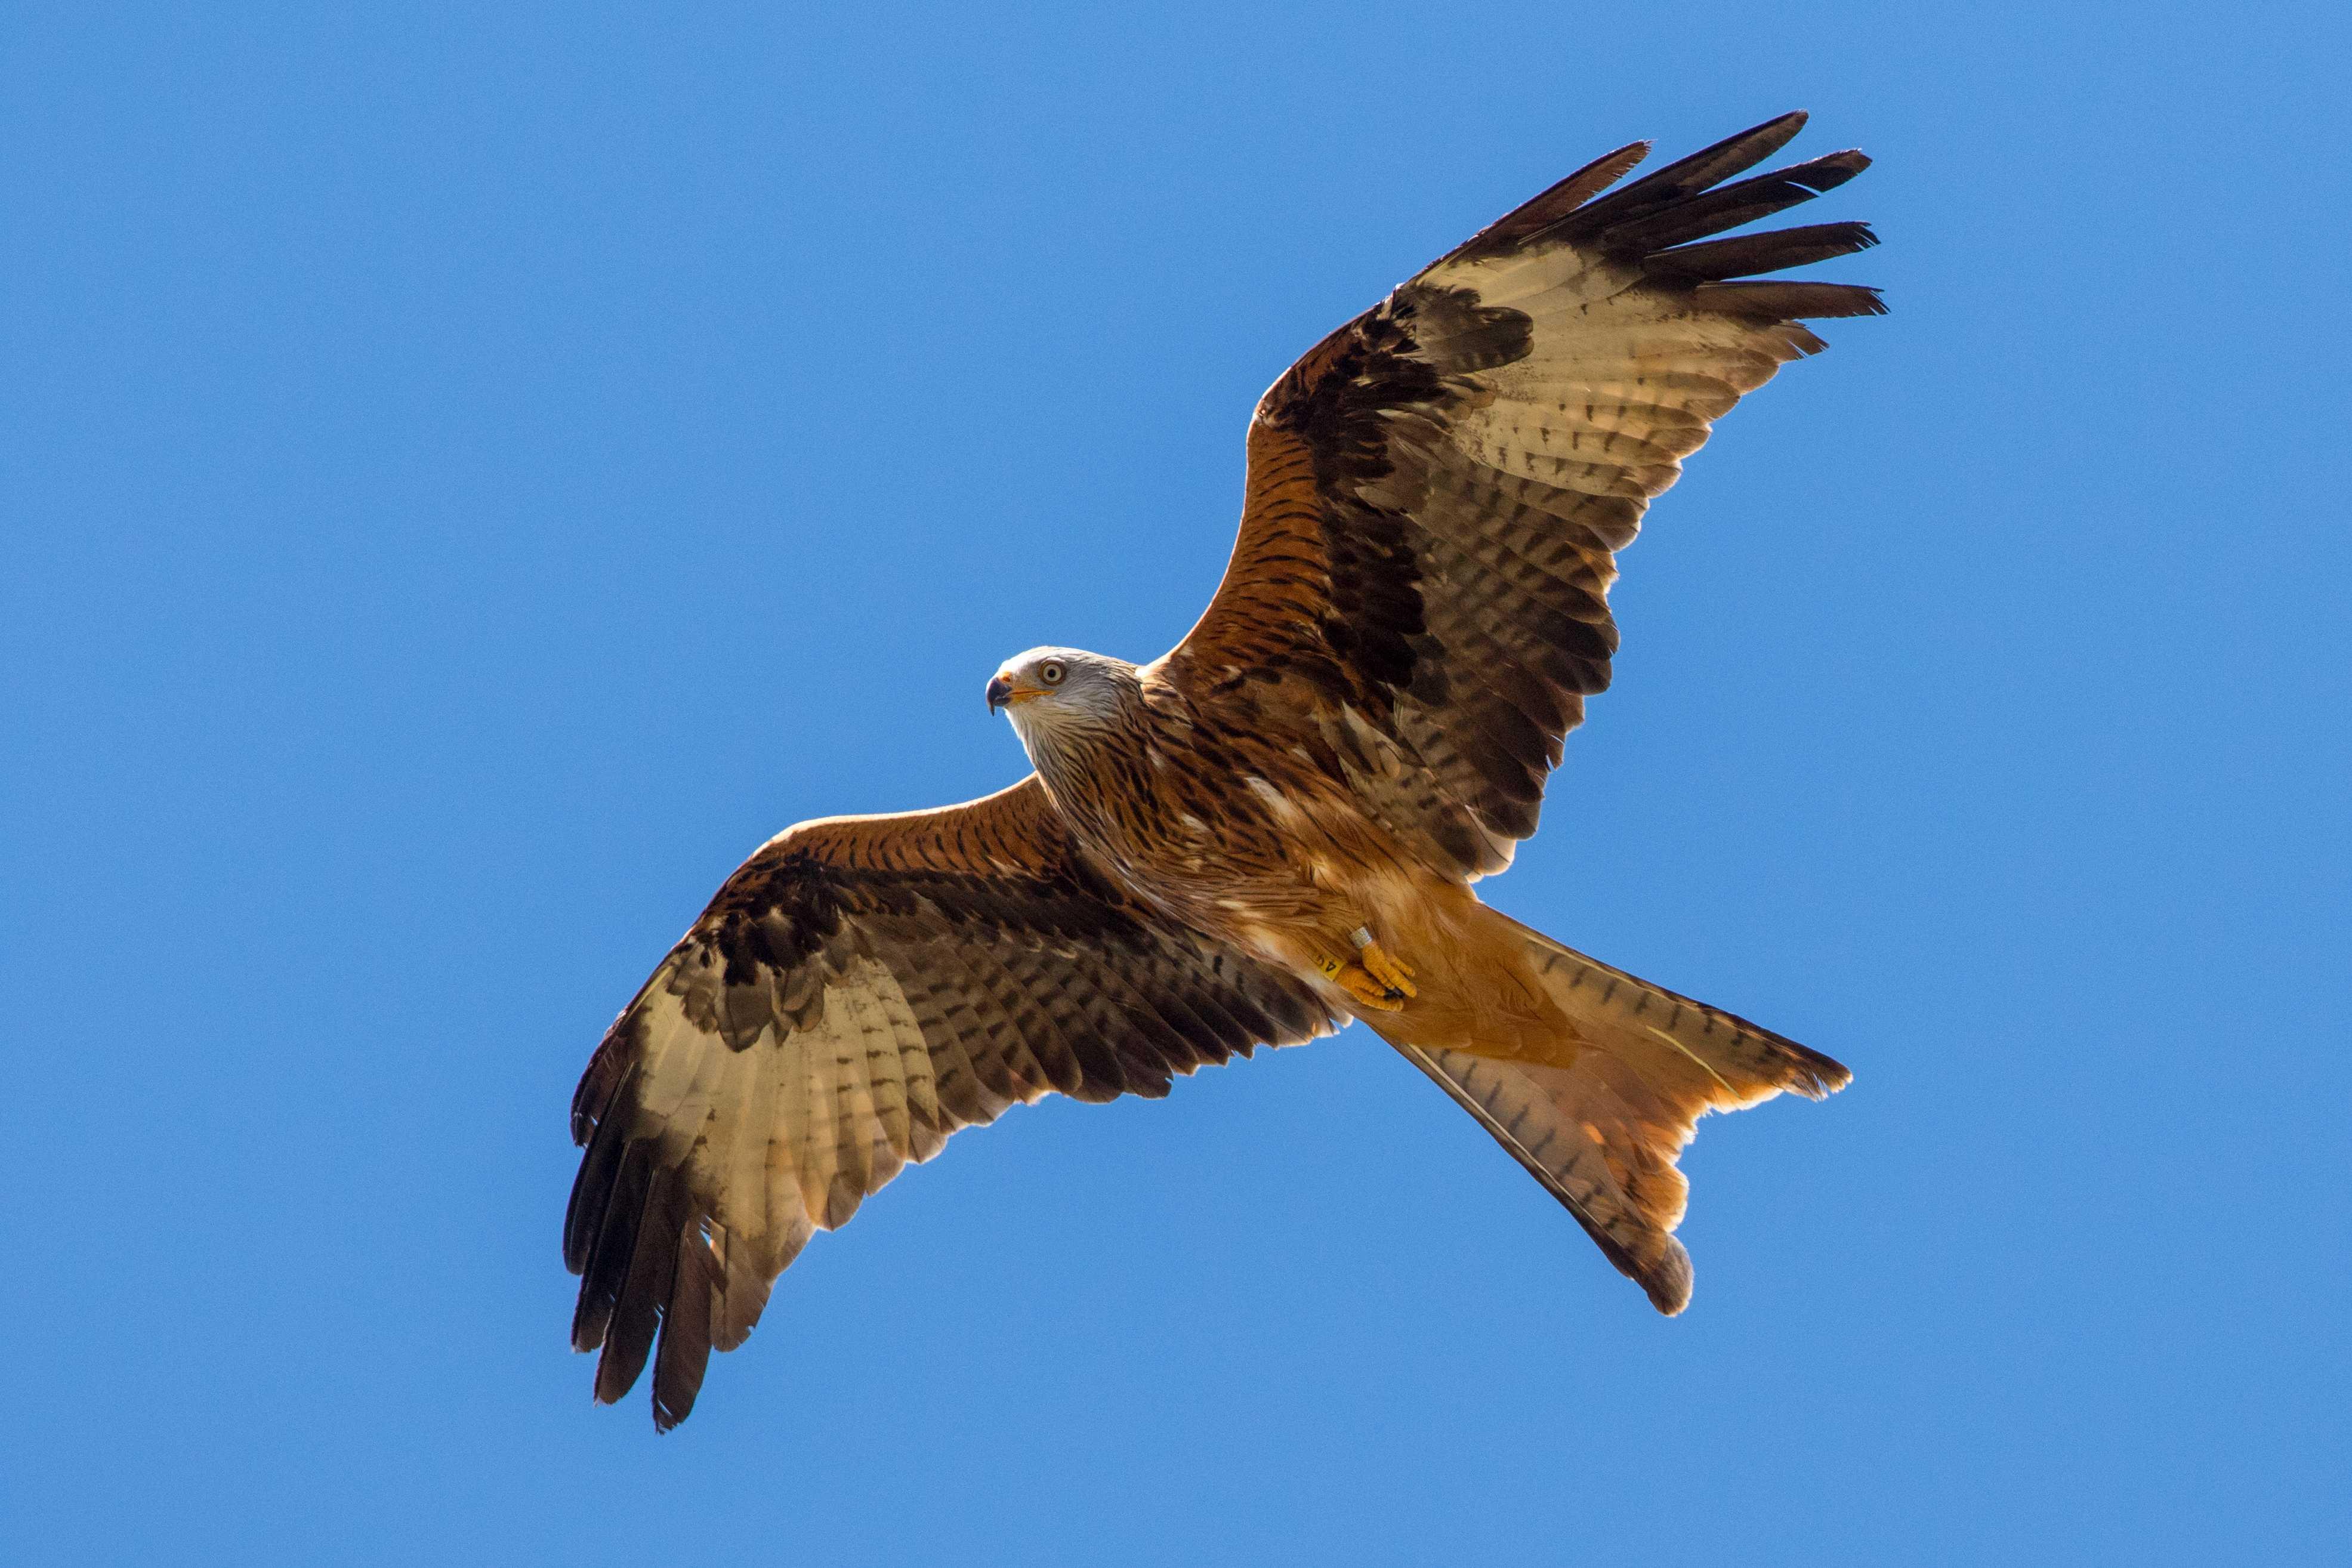 Milano real en vuelo tras ser liberado en el Parque Natural de Cazorla a finales de 2020. Imagen: Junta de Andalucía / GFEFA